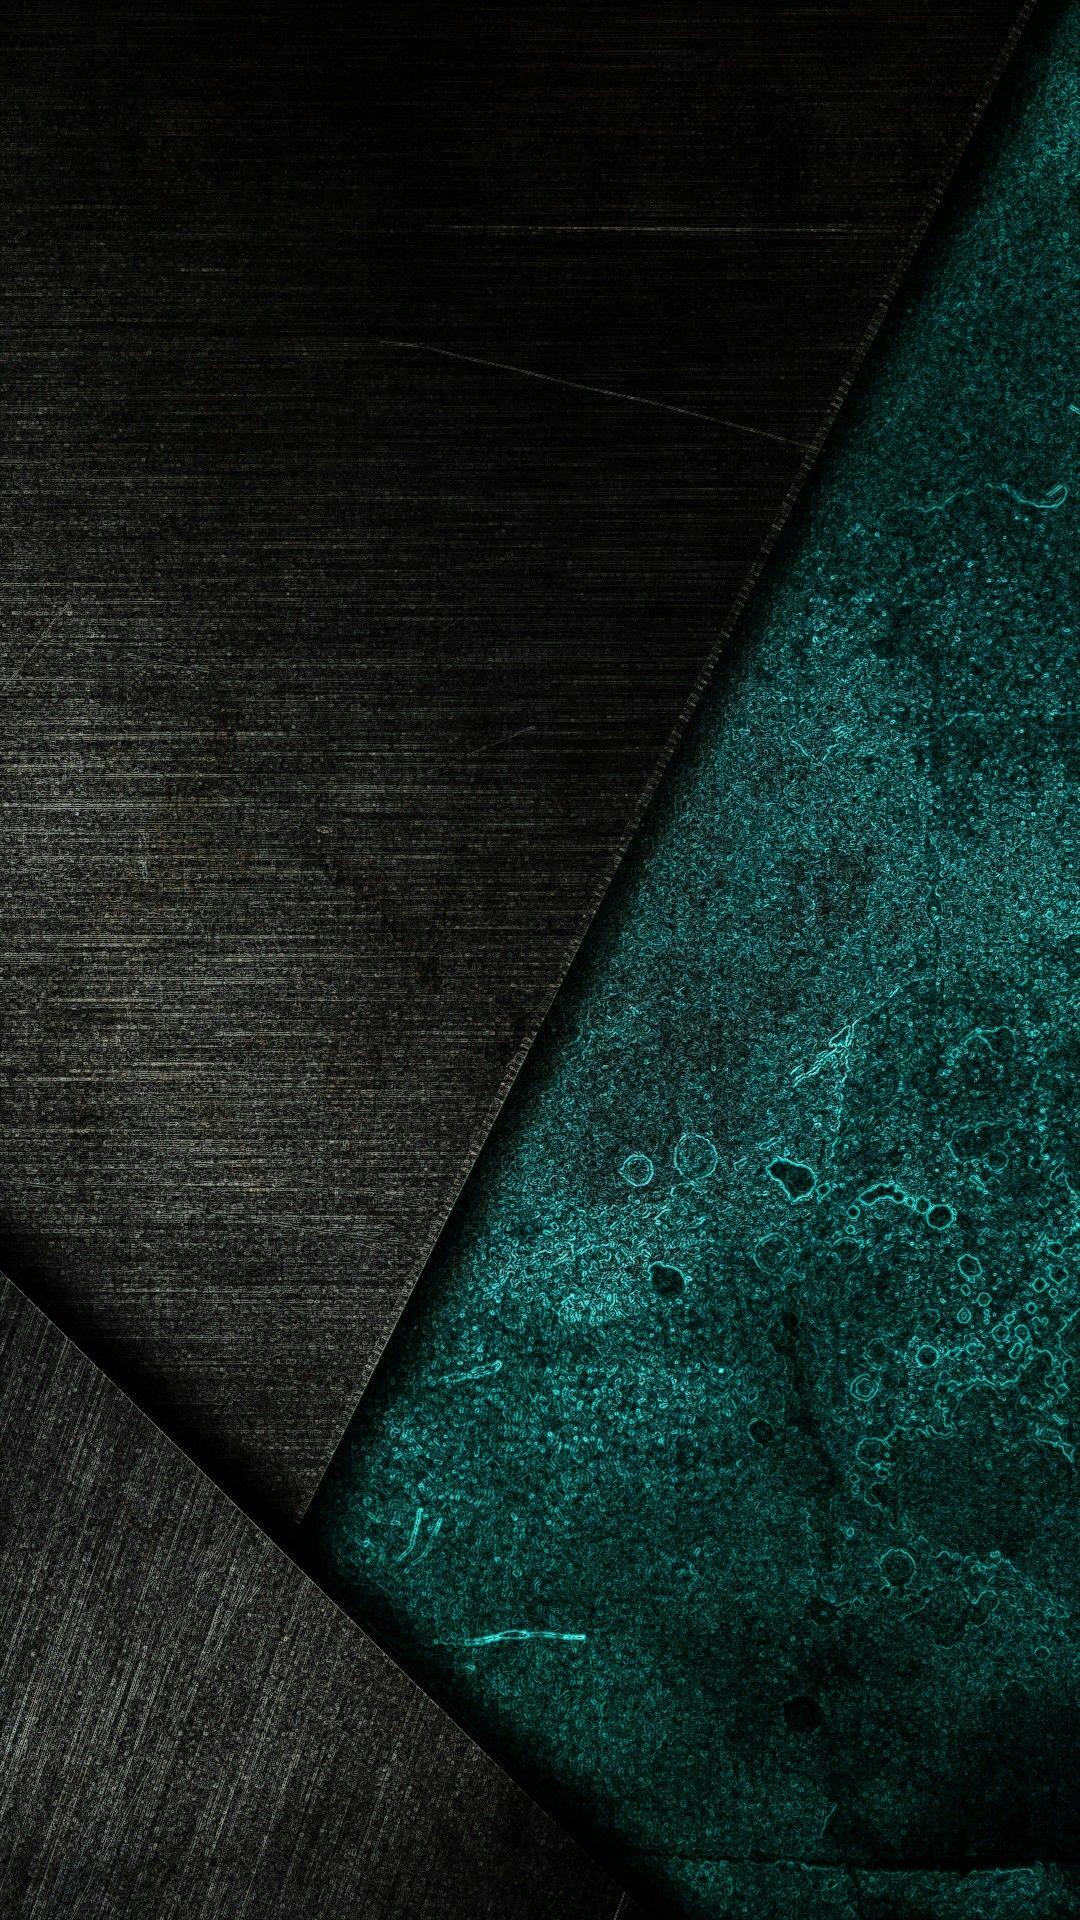 Fond D Ecran Mobile Android Hd Fond D Ecran Fond Noir Pour Mobile 1080x1920 Wallpapertip